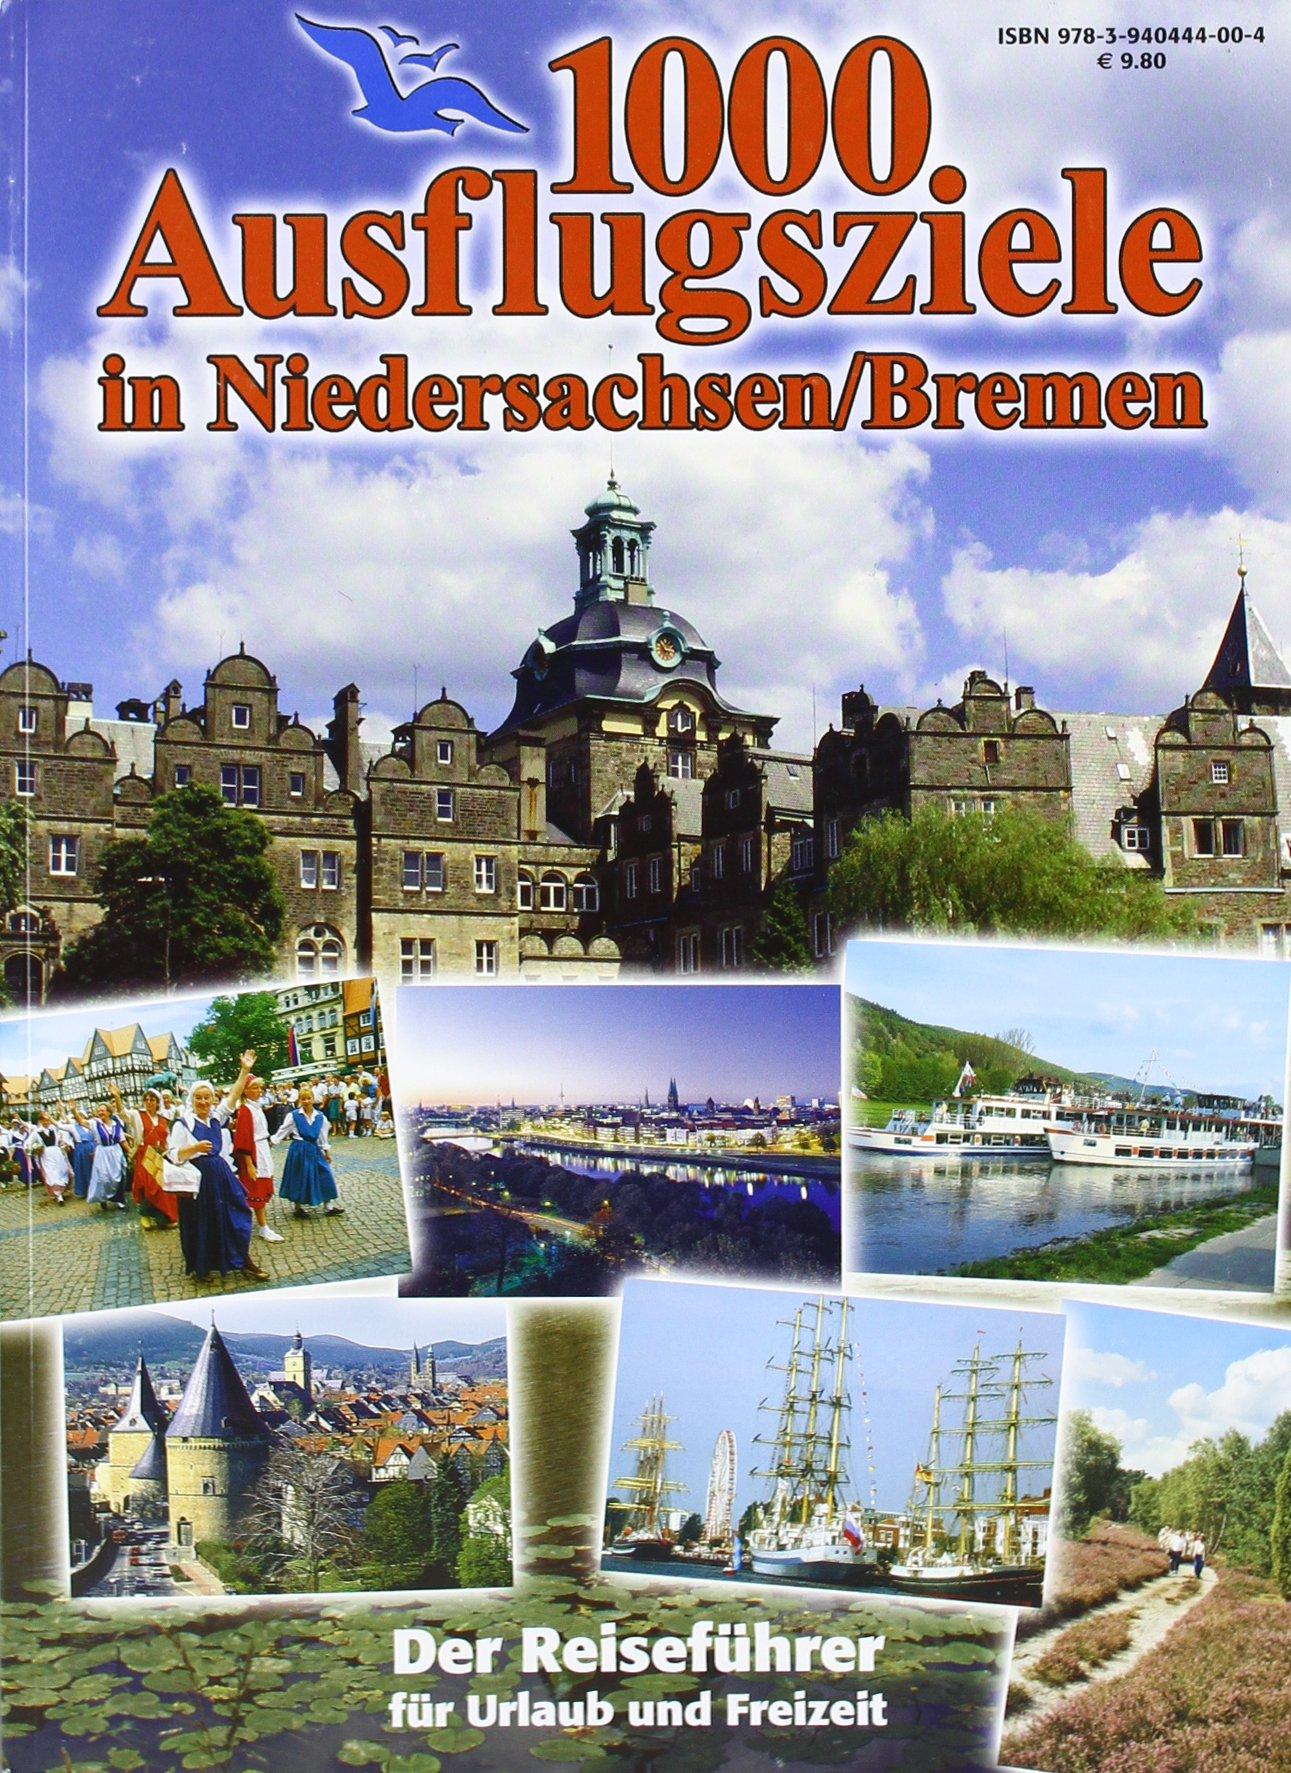 1000 Ausflugsziele in Niedersachsen/Bremen: Der Reiseführer für Urlaub und Freizeit!